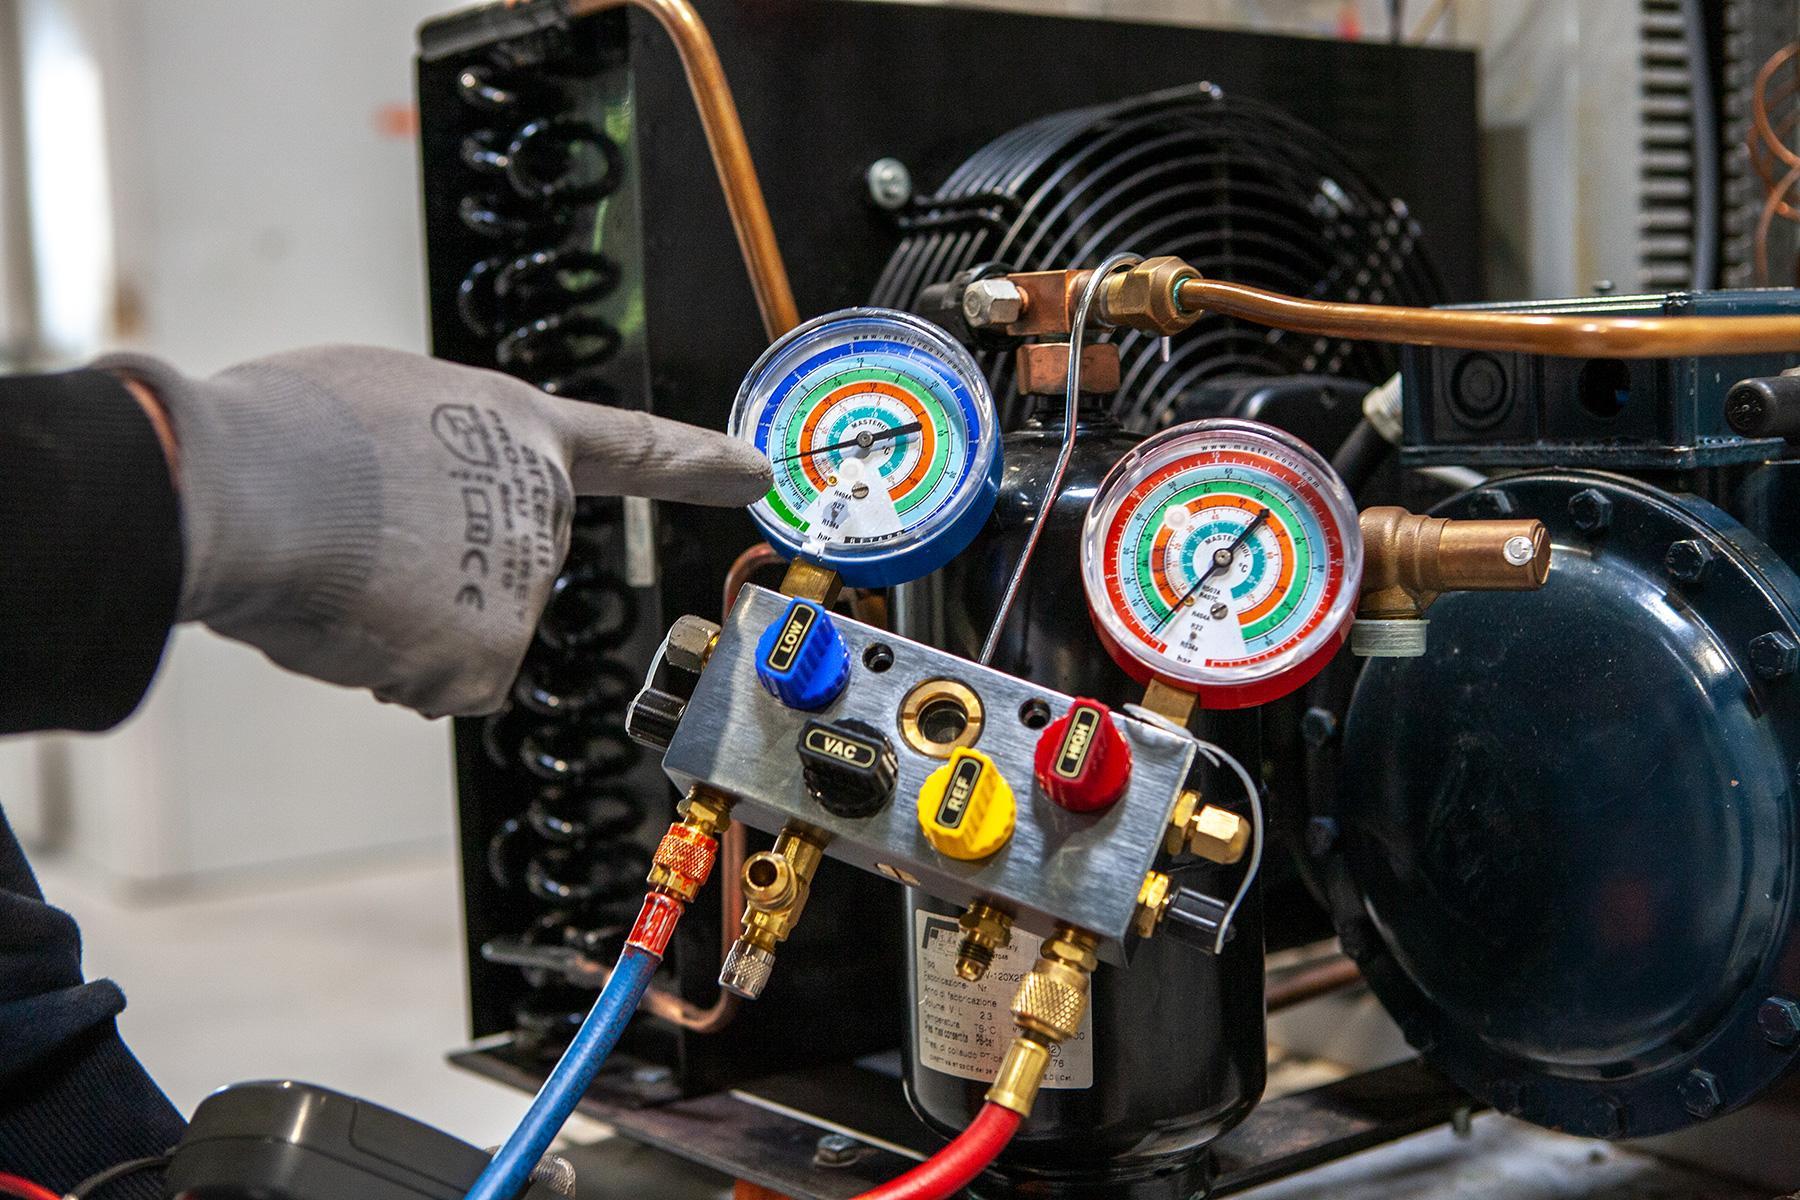 PEB - Système climatisation : Programme minimum d'entretien des systèmes de climatisation et le carnet de bord